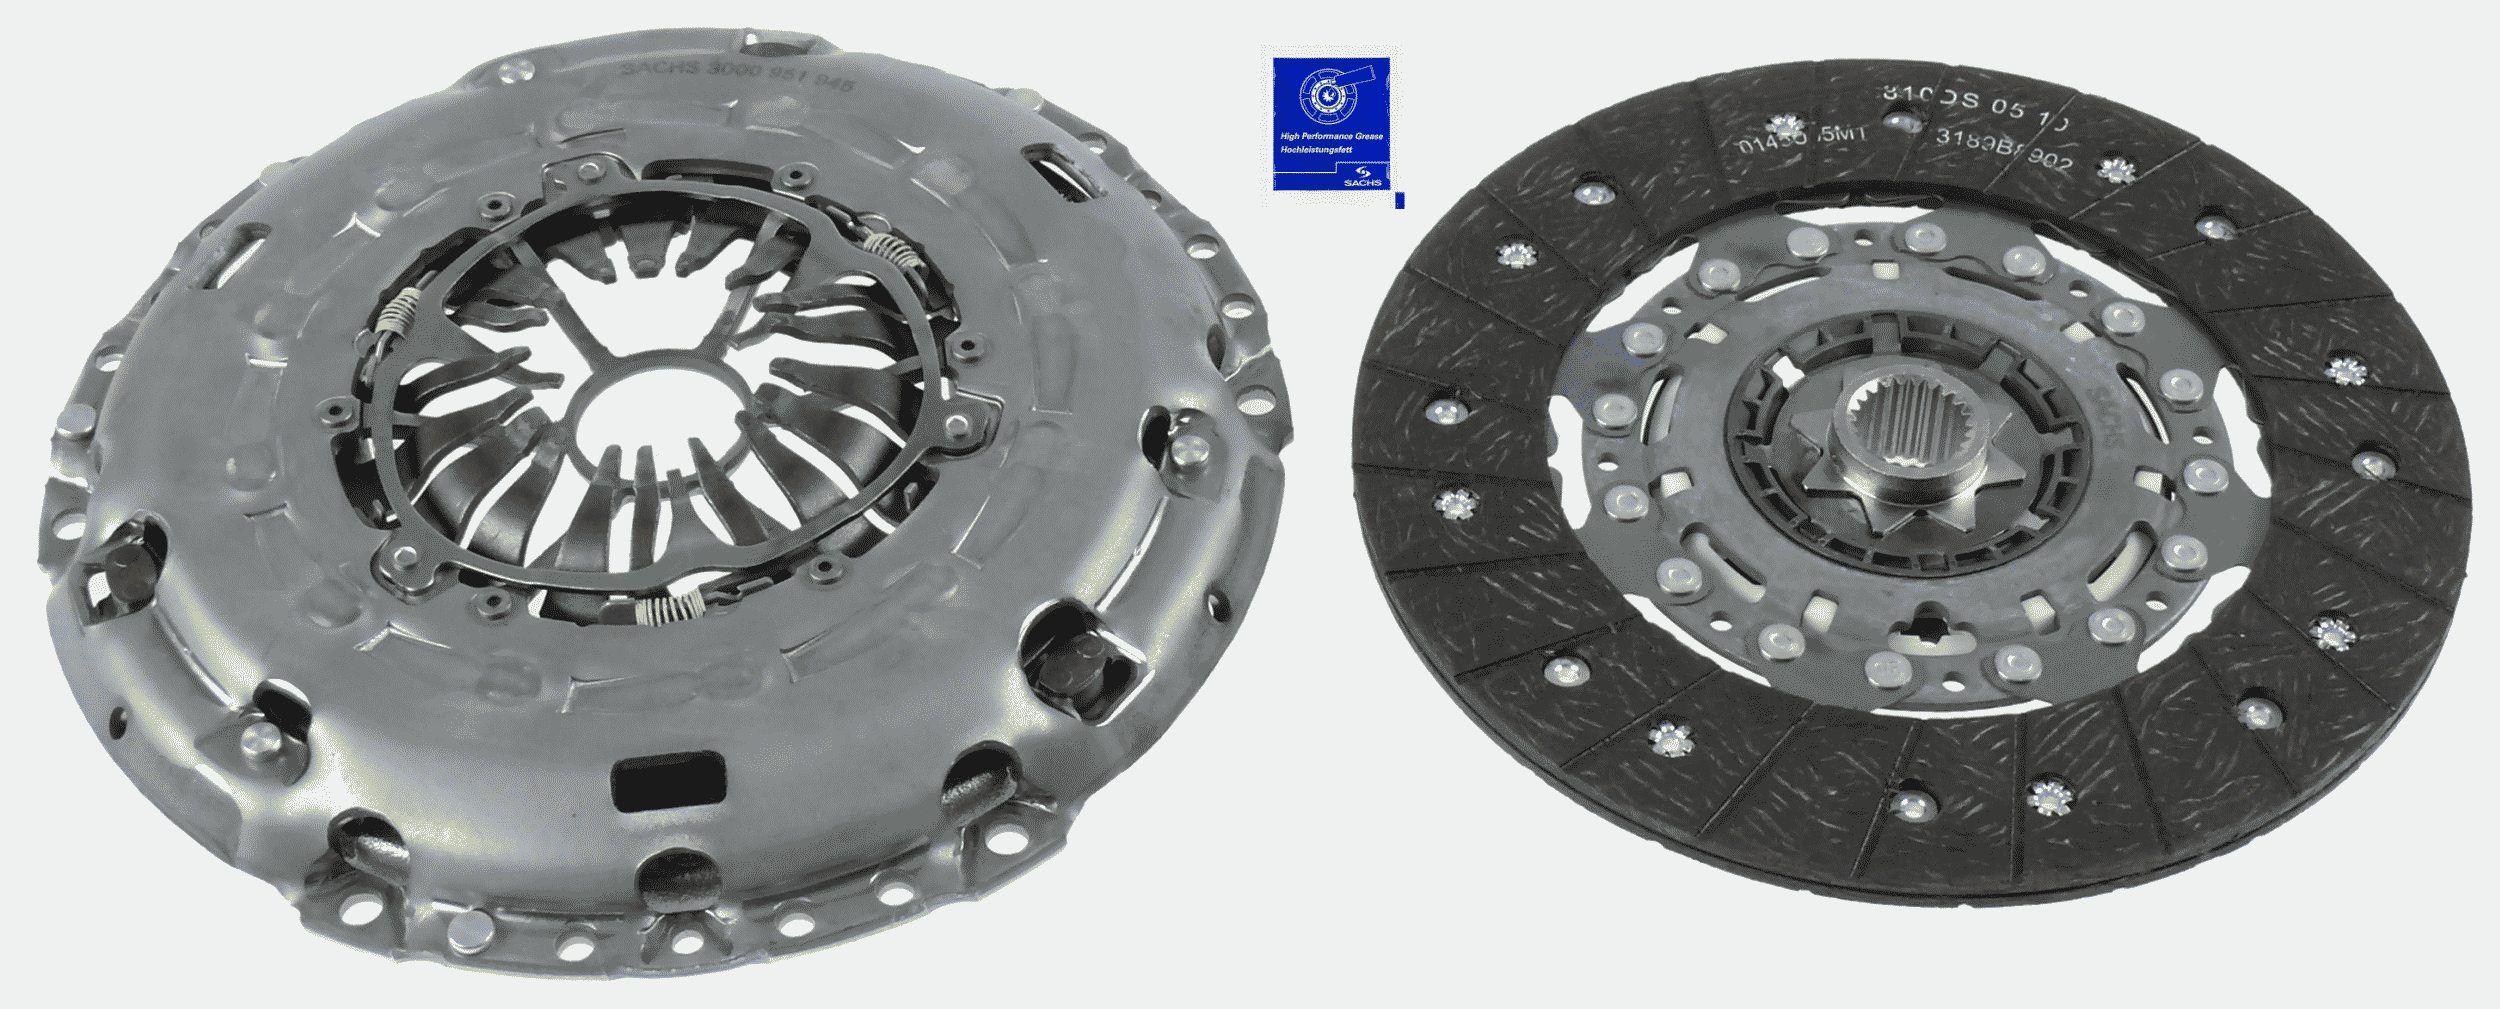 SACHS Kupplungssatz Schaltgetriebe  3000 951 945